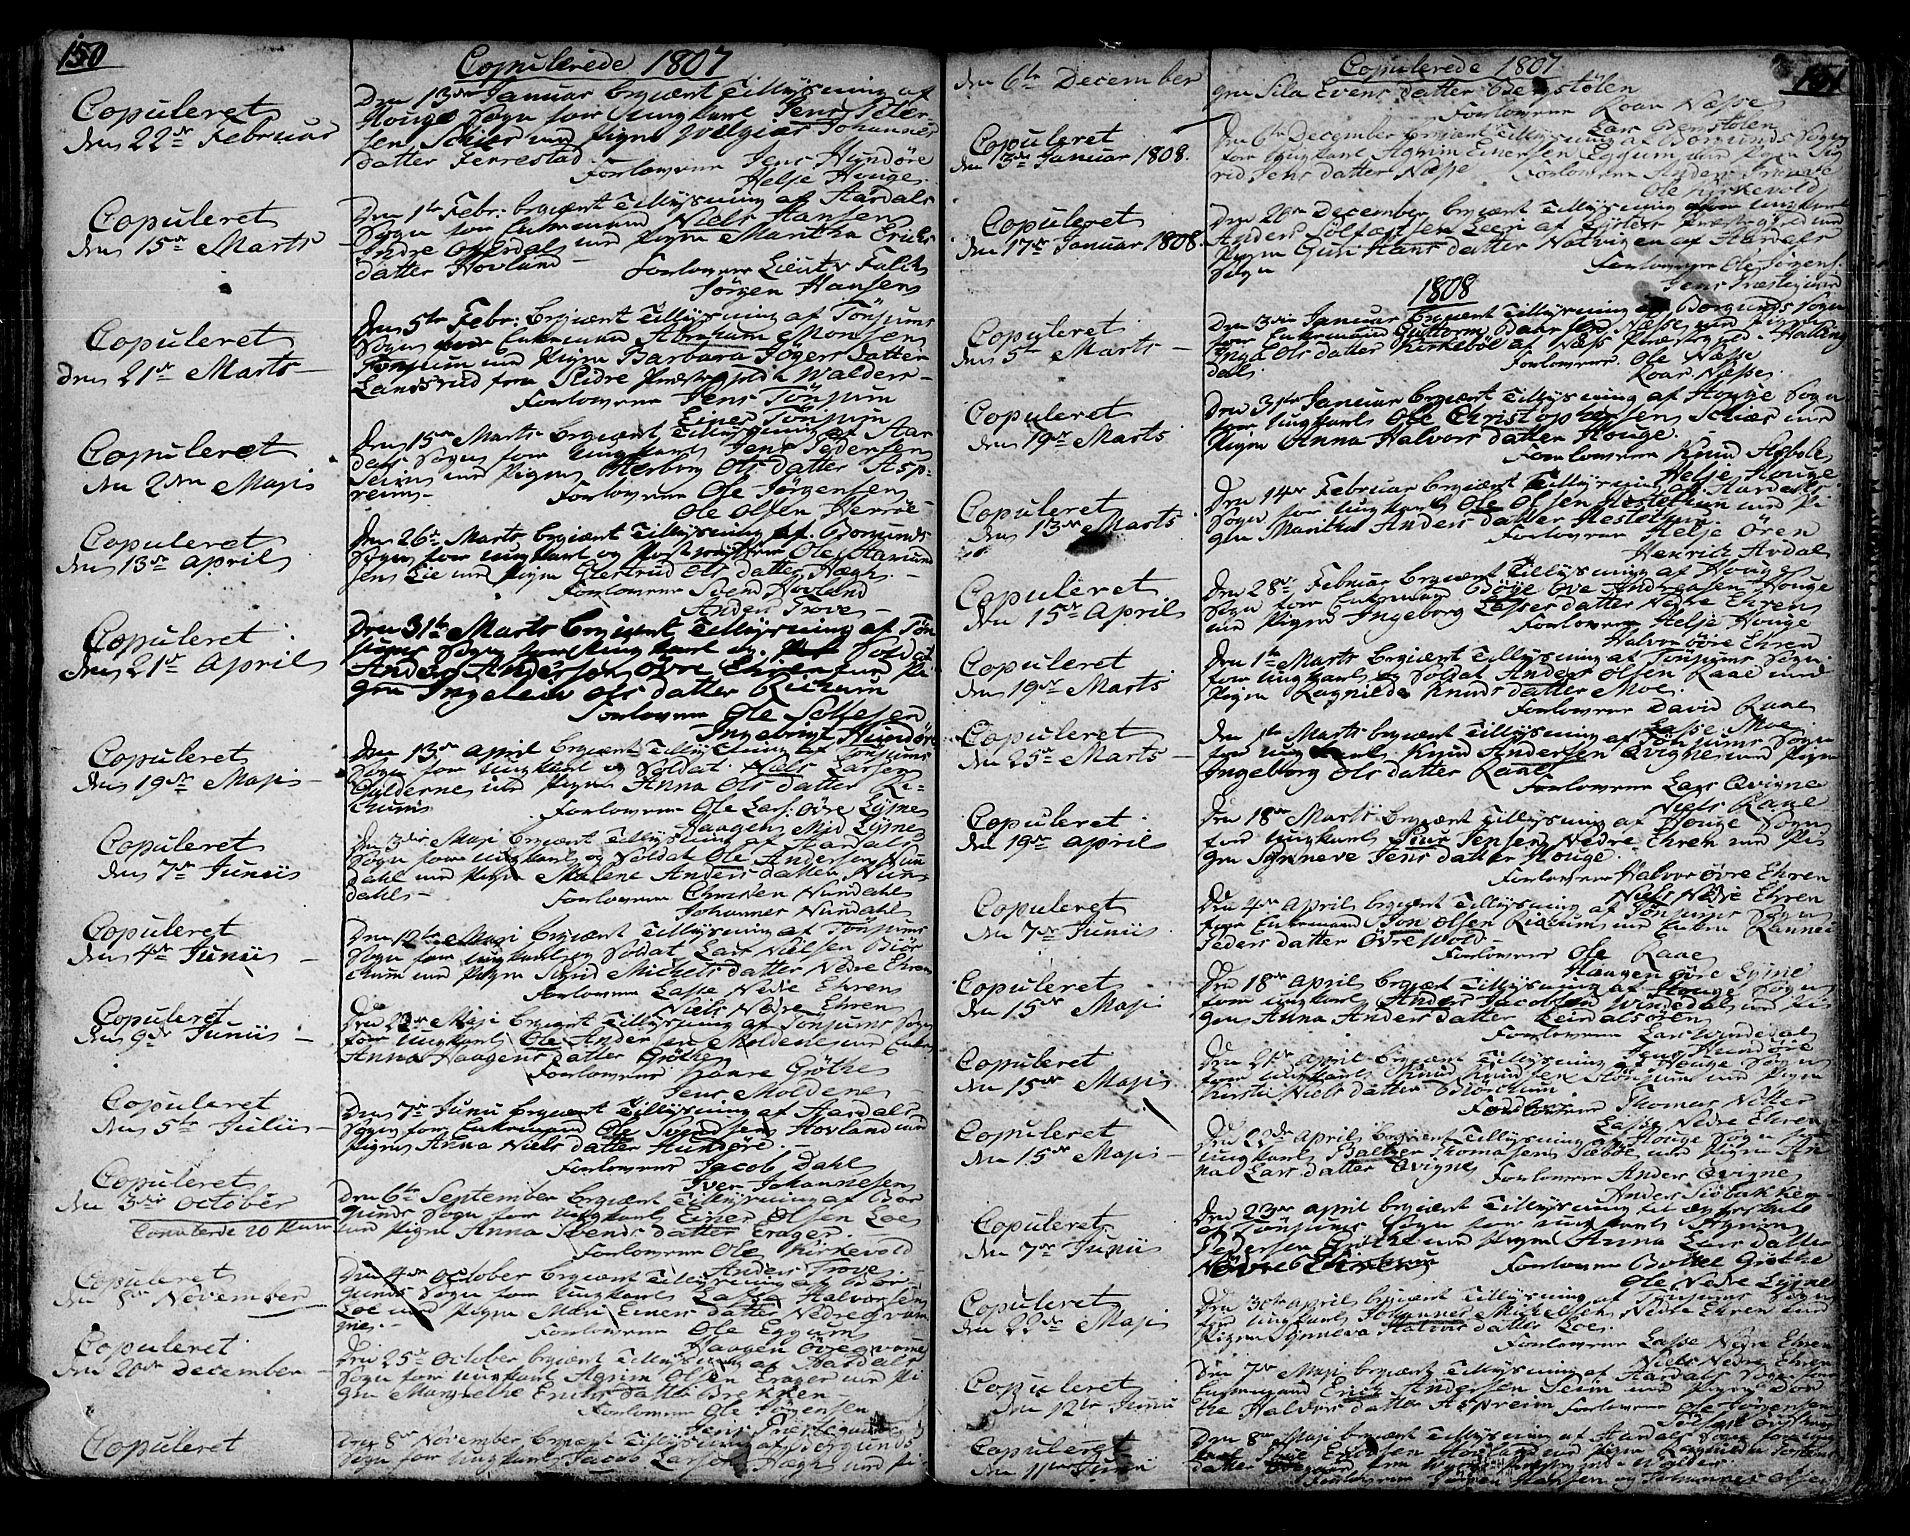 SAB, Lærdal sokneprestembete, Ministerialbok nr. A 4, 1805-1821, s. 150-151